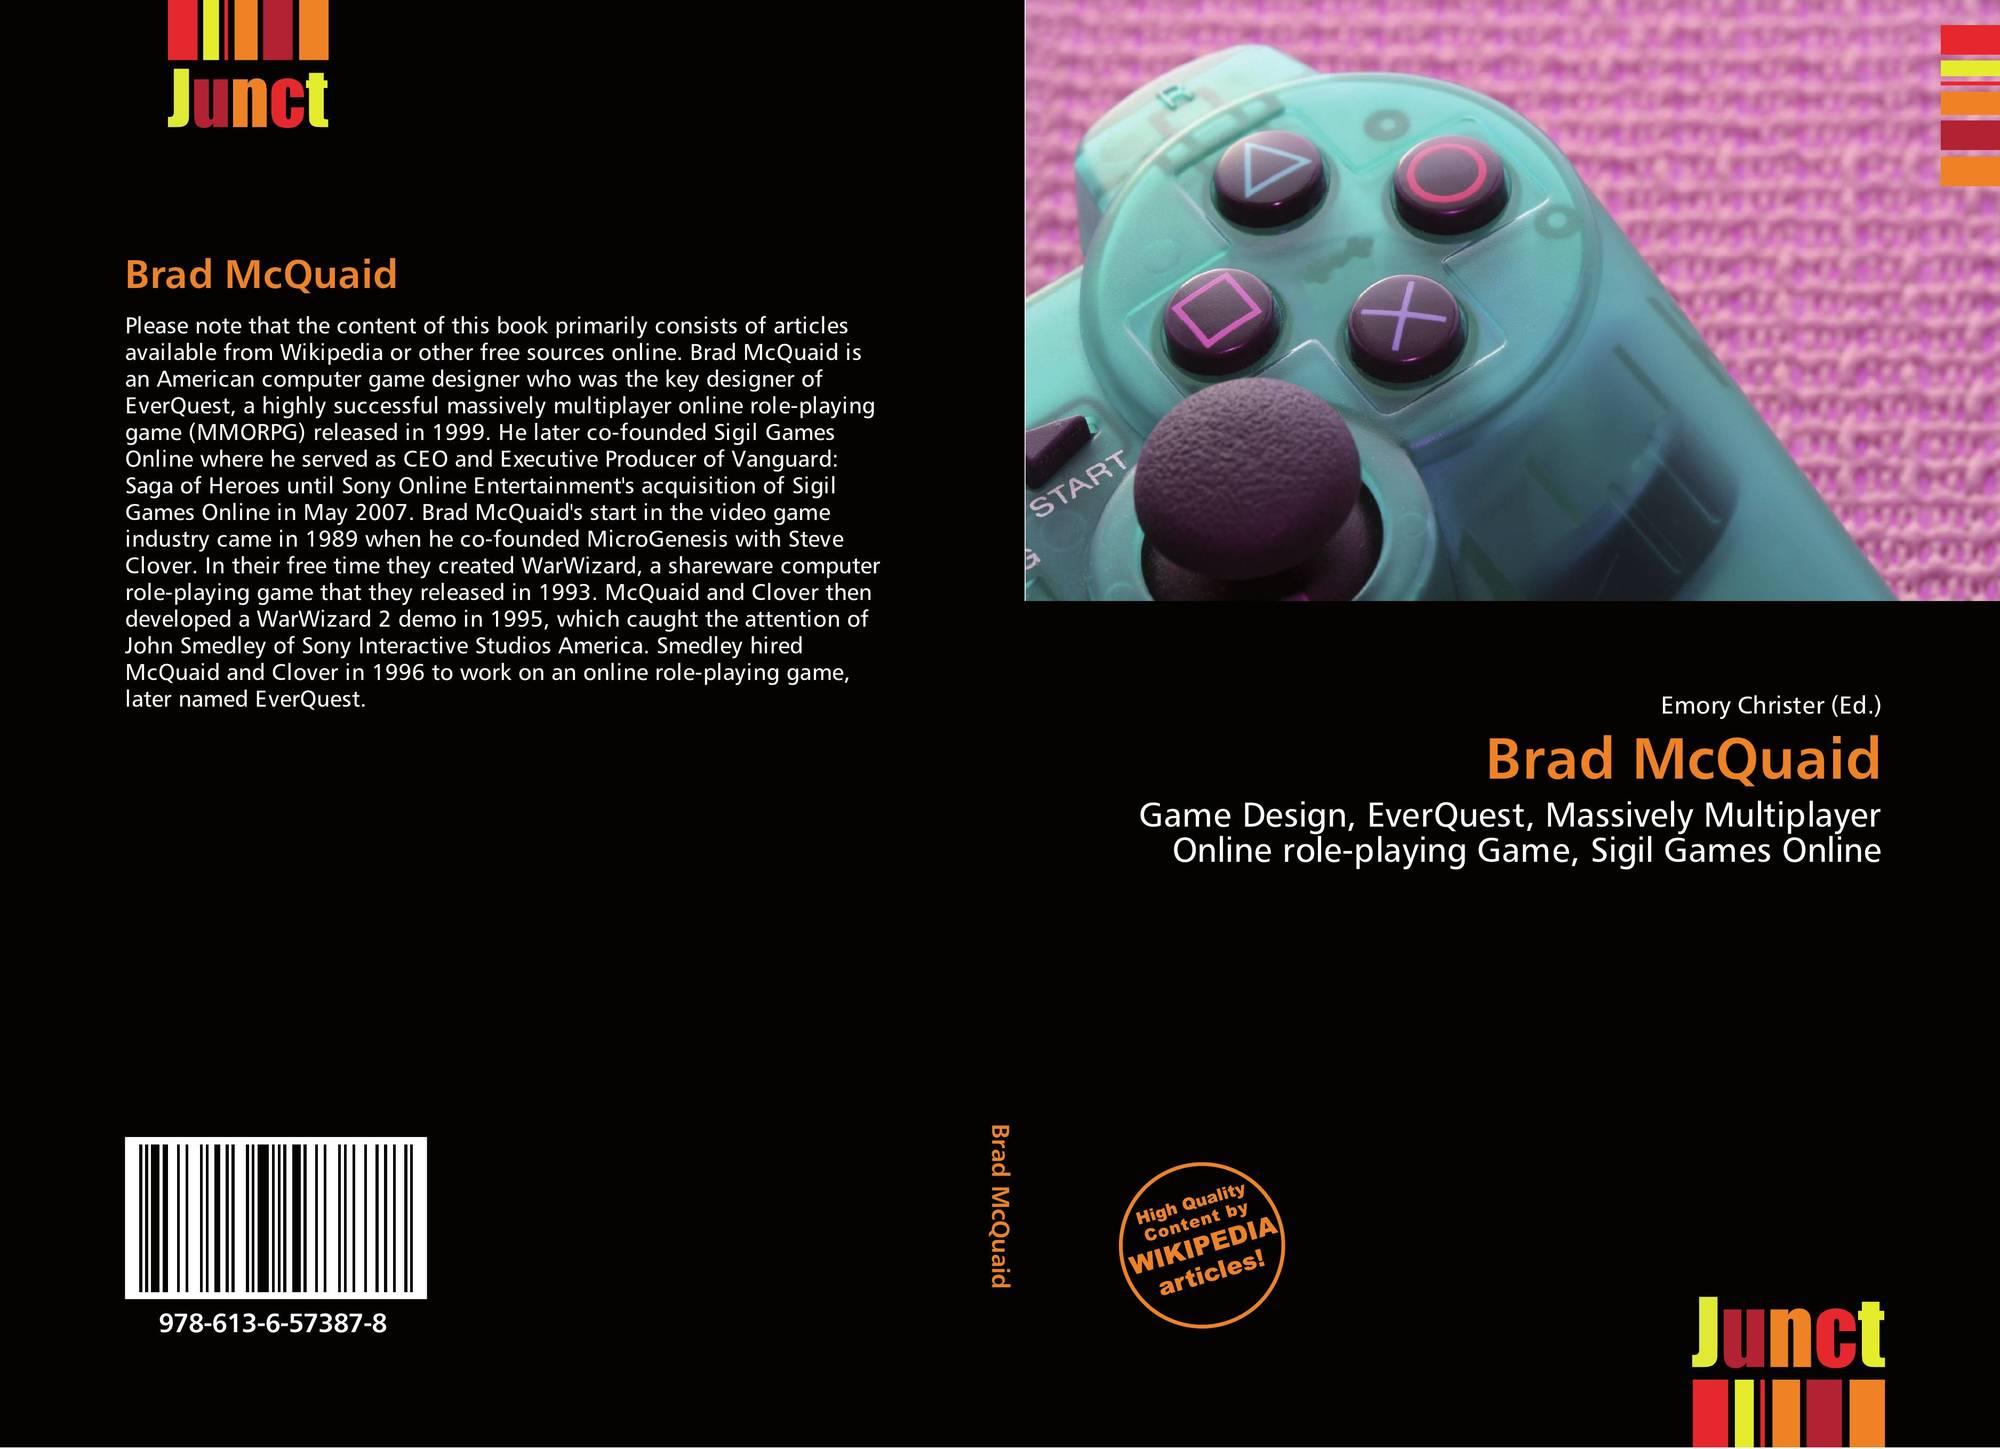 Brad McQuaid, 978-613-6-57387-8, 6136573873 ,9786136573878